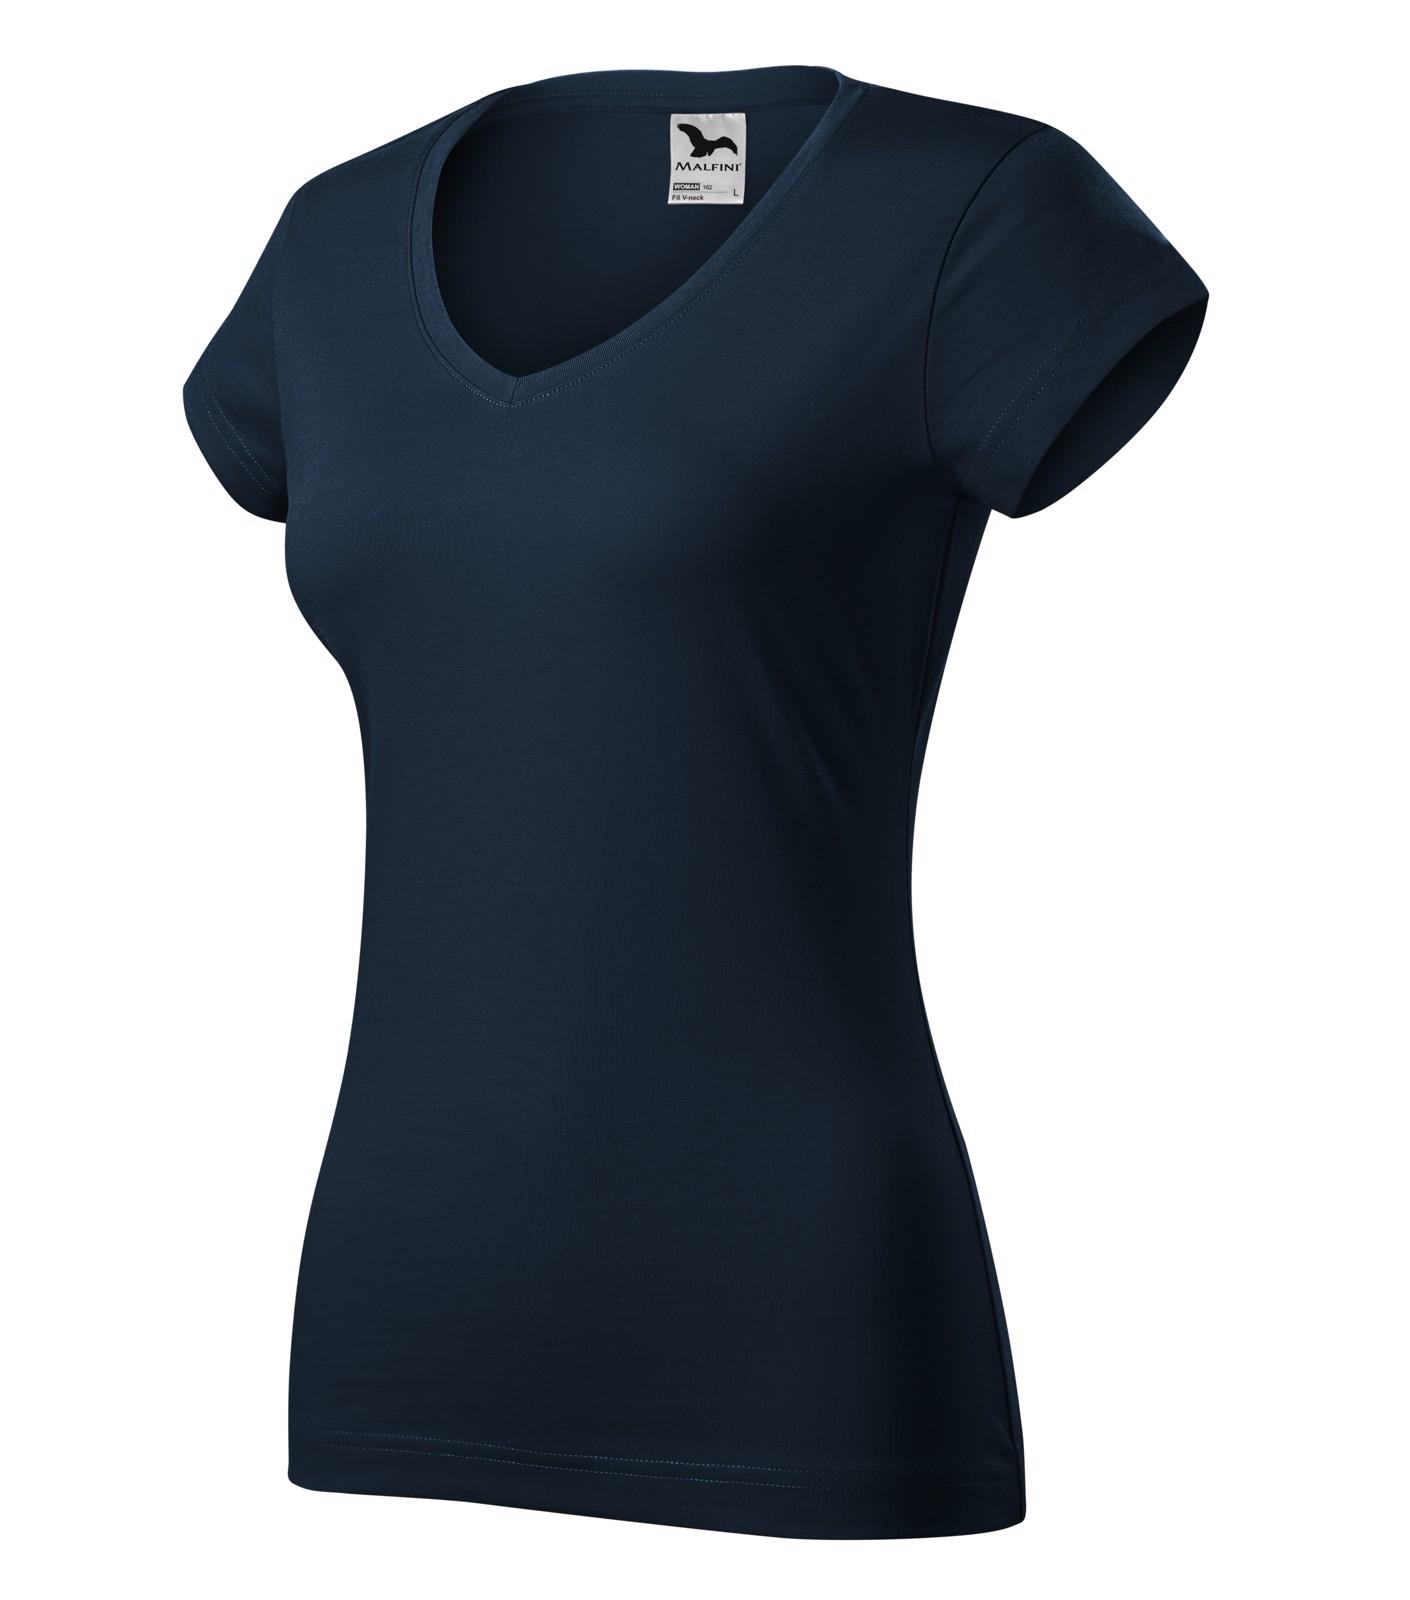 Tričko dámské Malfini Fit V-neck - Námořní Modrá / 2XL